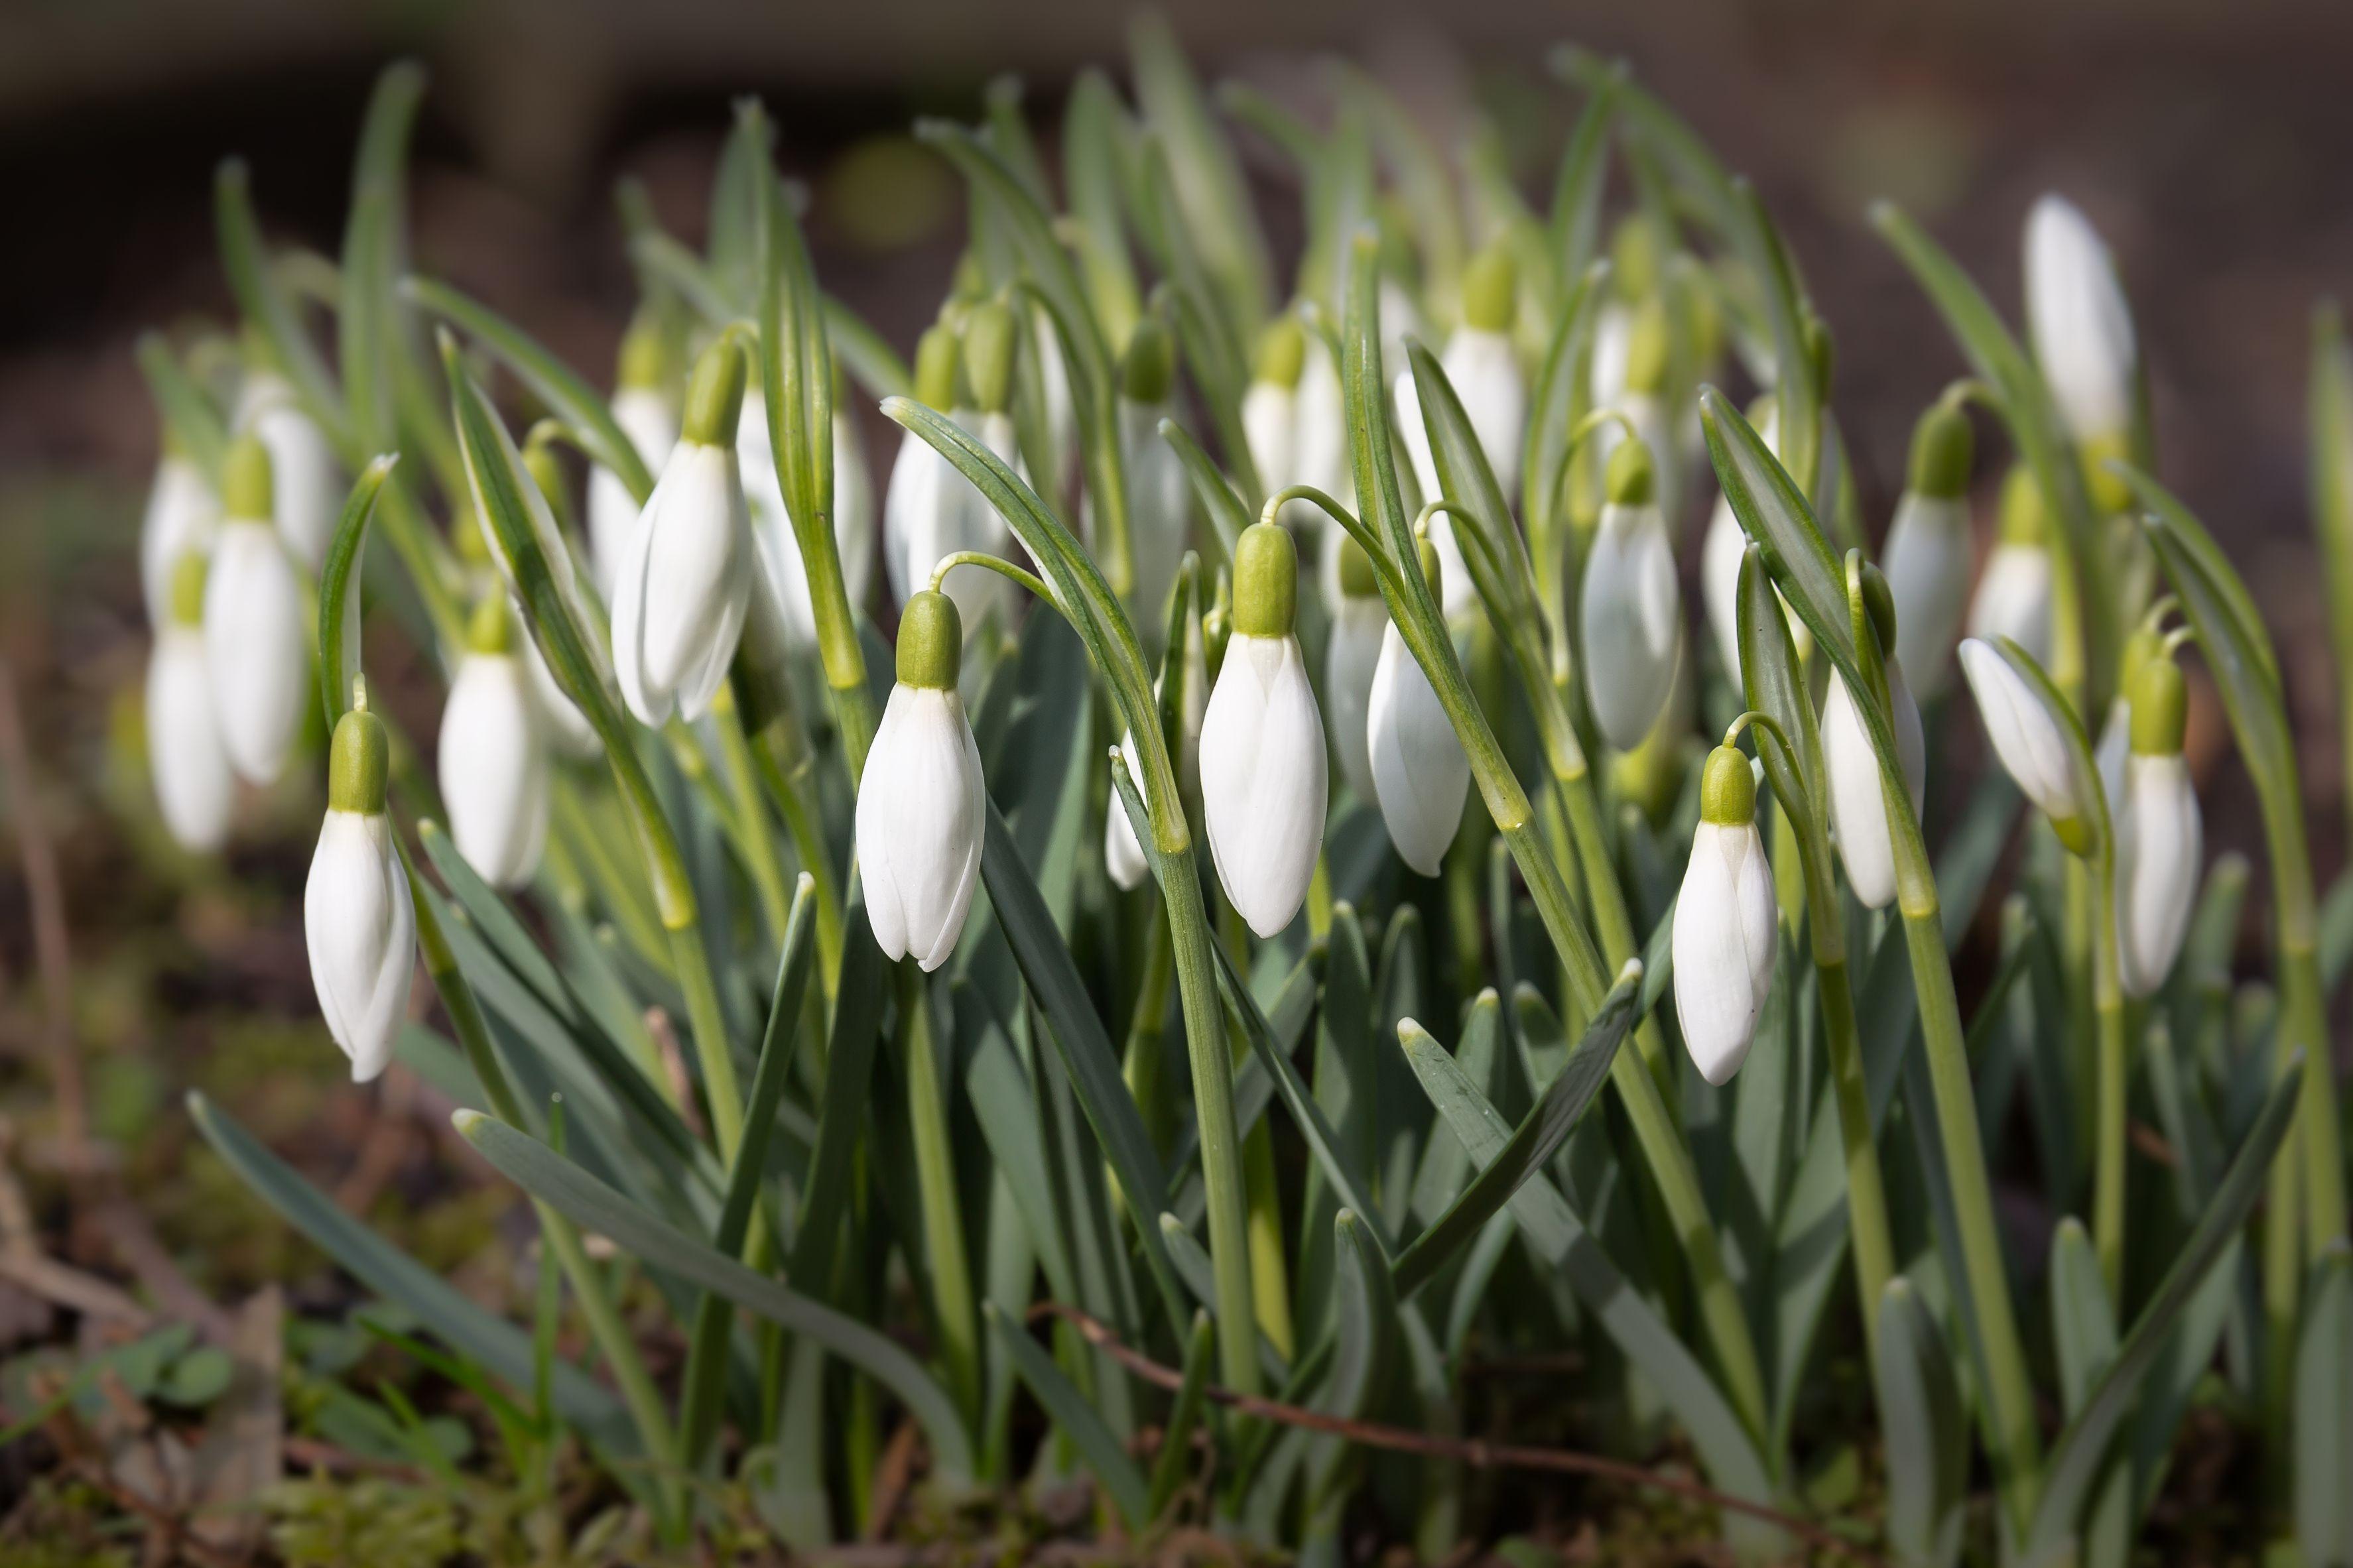 15 Best Plants That Bloom in Winter - Flowers That Develop